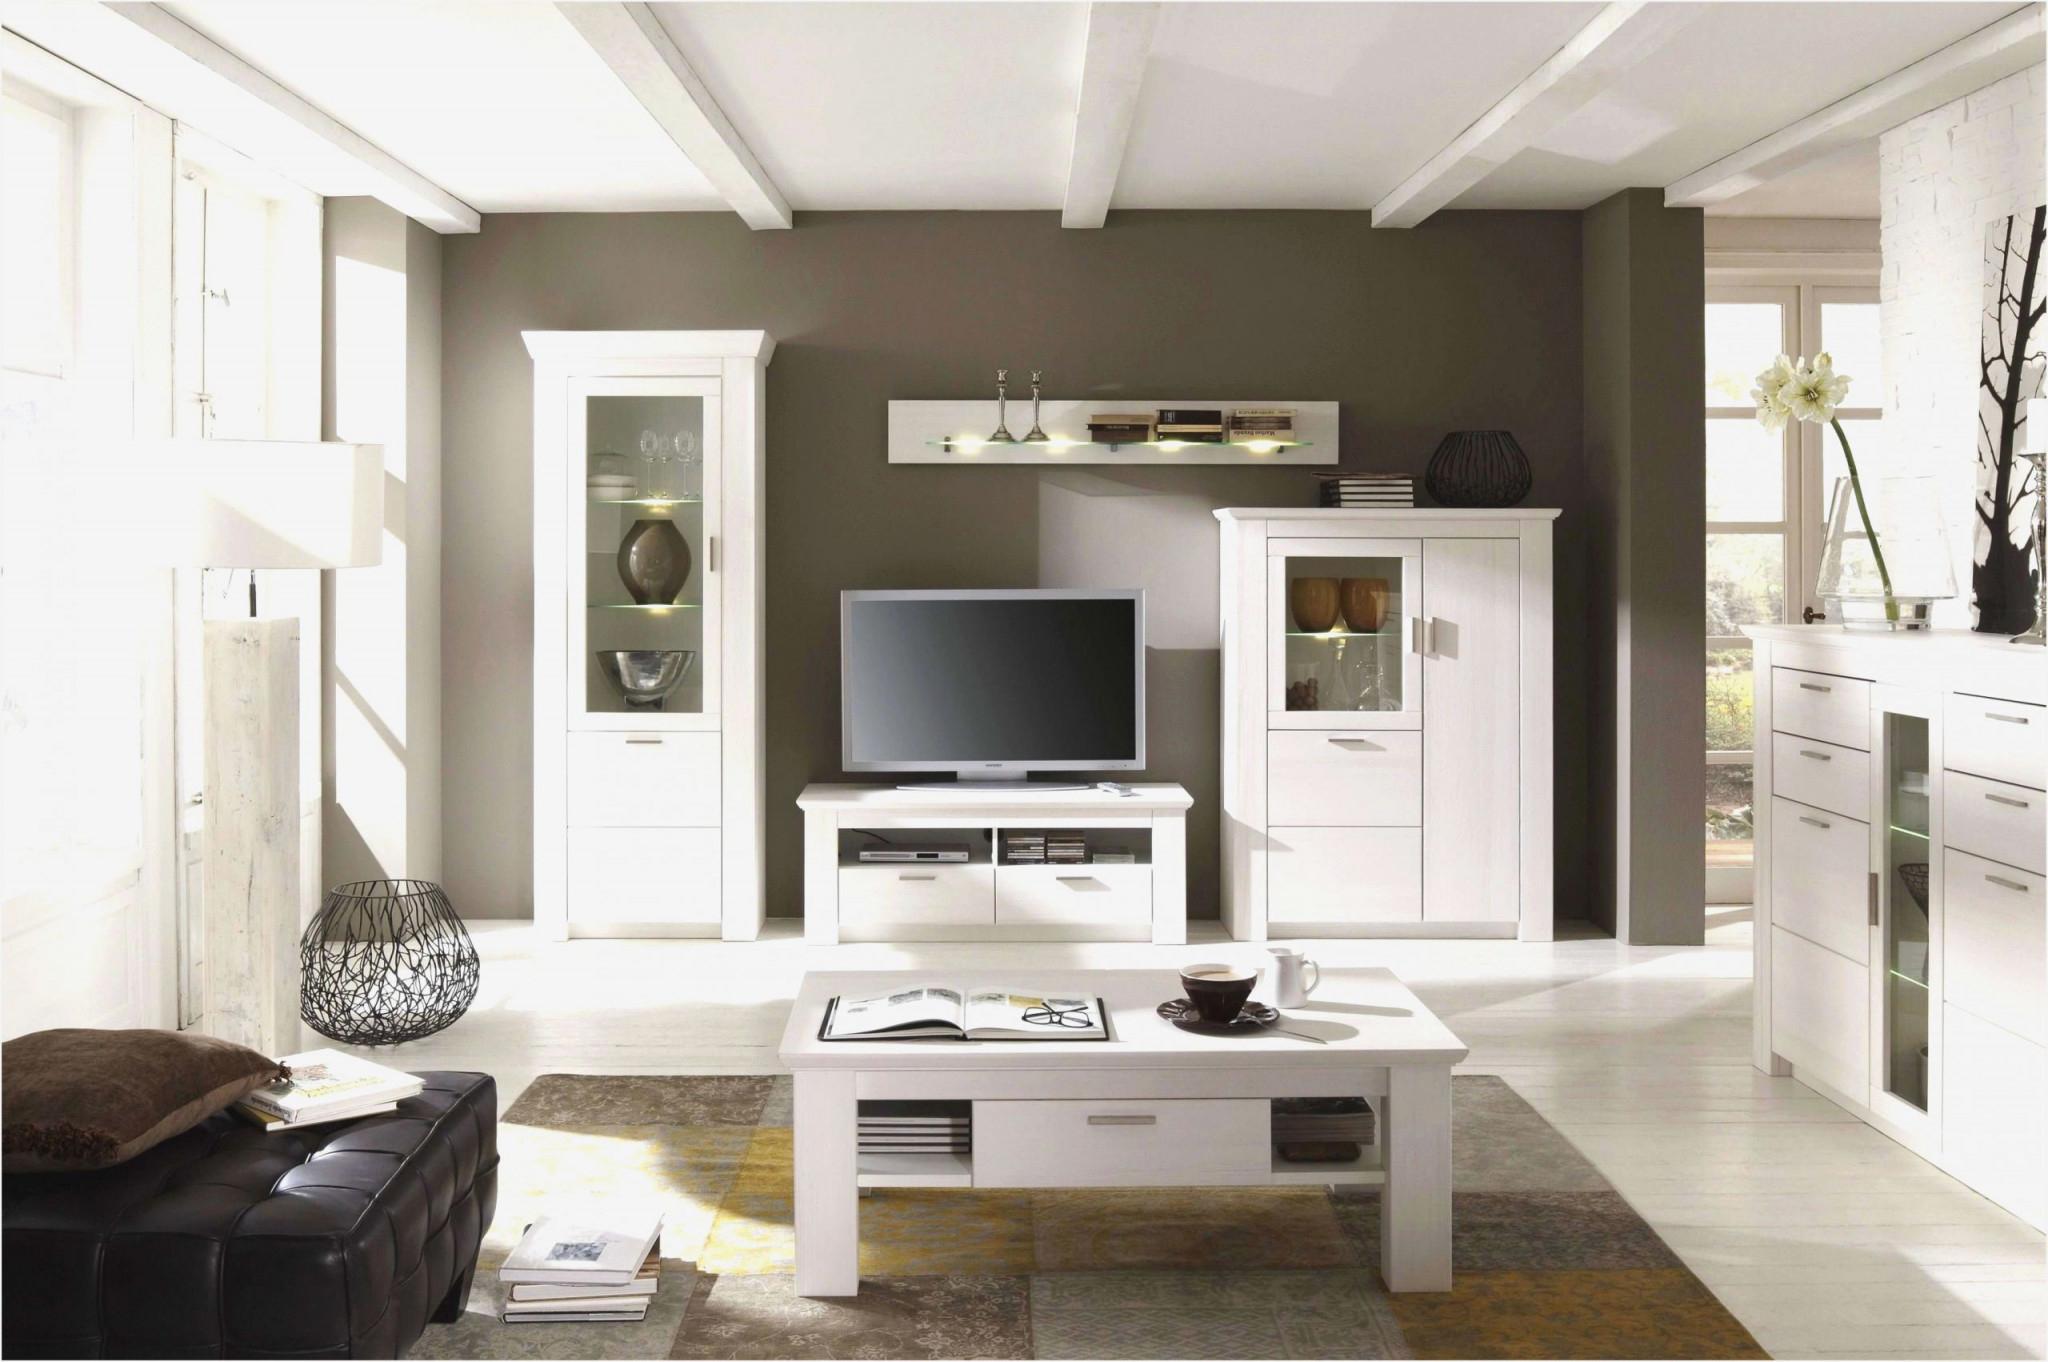 Wohnungseinrichtung Ideen Wohnzimmer  Wohnzimmer von Wohnungseinrichtung Ideen Wohnzimmer Bild